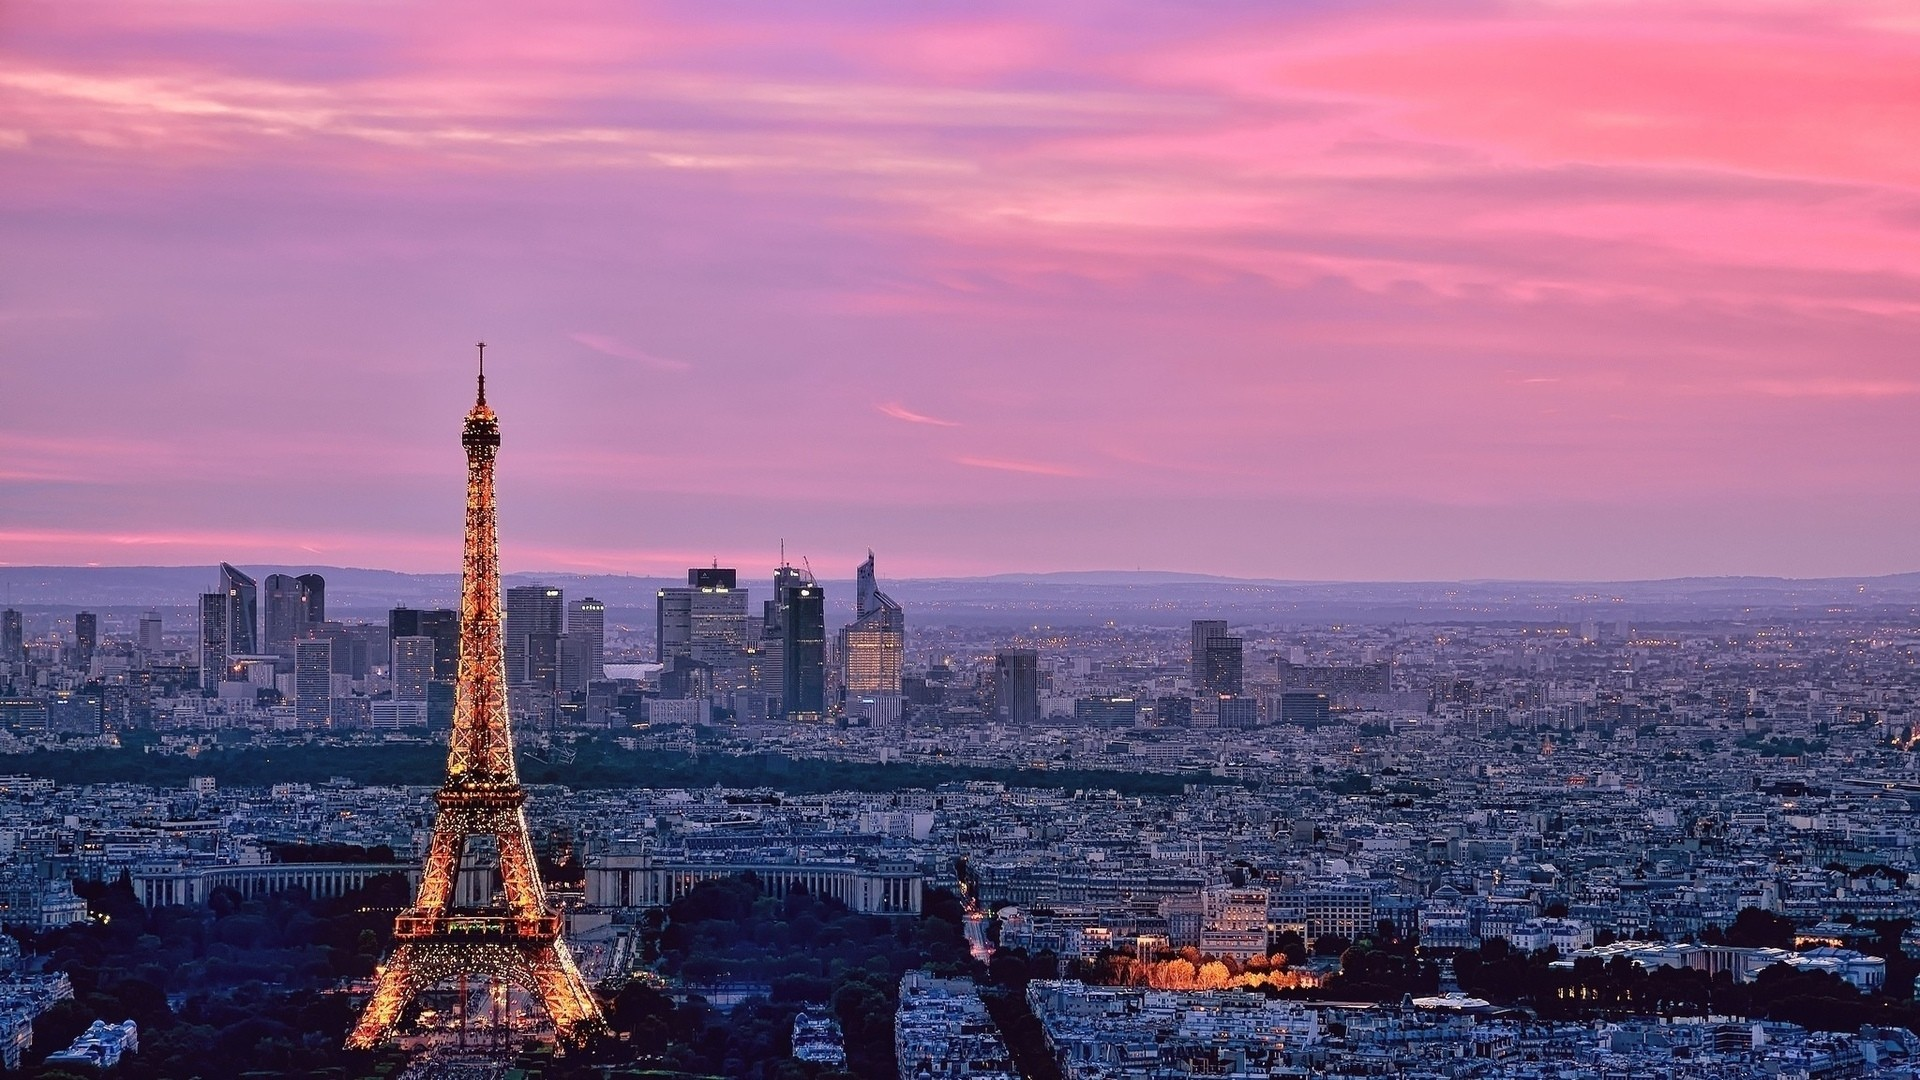 Eiffel Tower hd desktop wallpaper